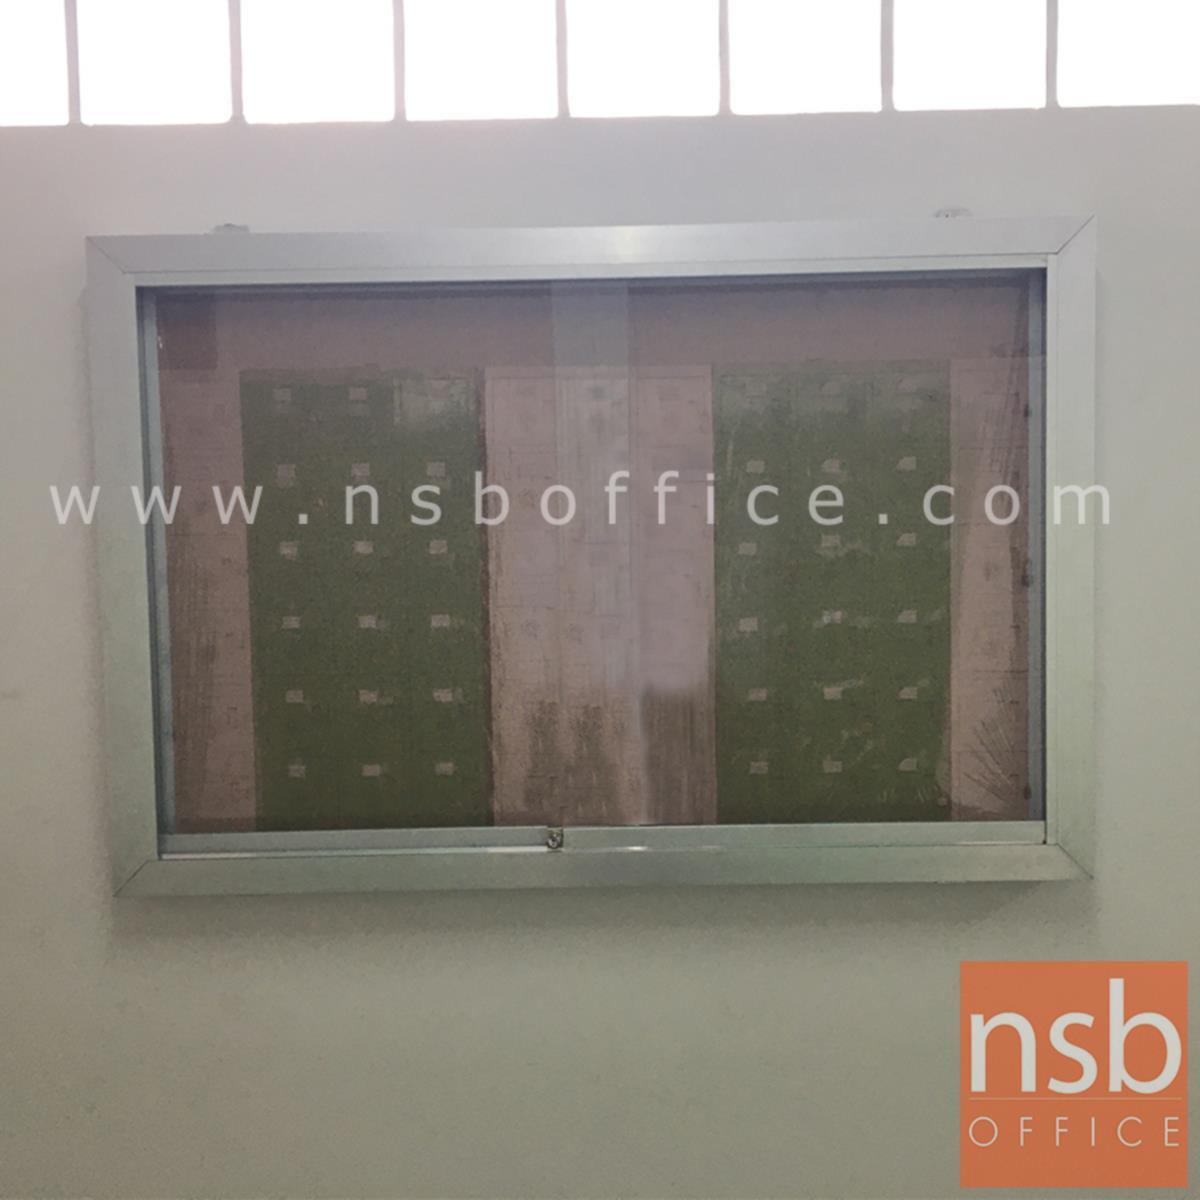 บอร์ดตู้กระจกบานเลื่อน ไม้ก็อก กรอบอลูมิเนียม  มีกุญแจล็อคฟันเลื่อย  (พร้อมติดตั้งบนผนังปูน)